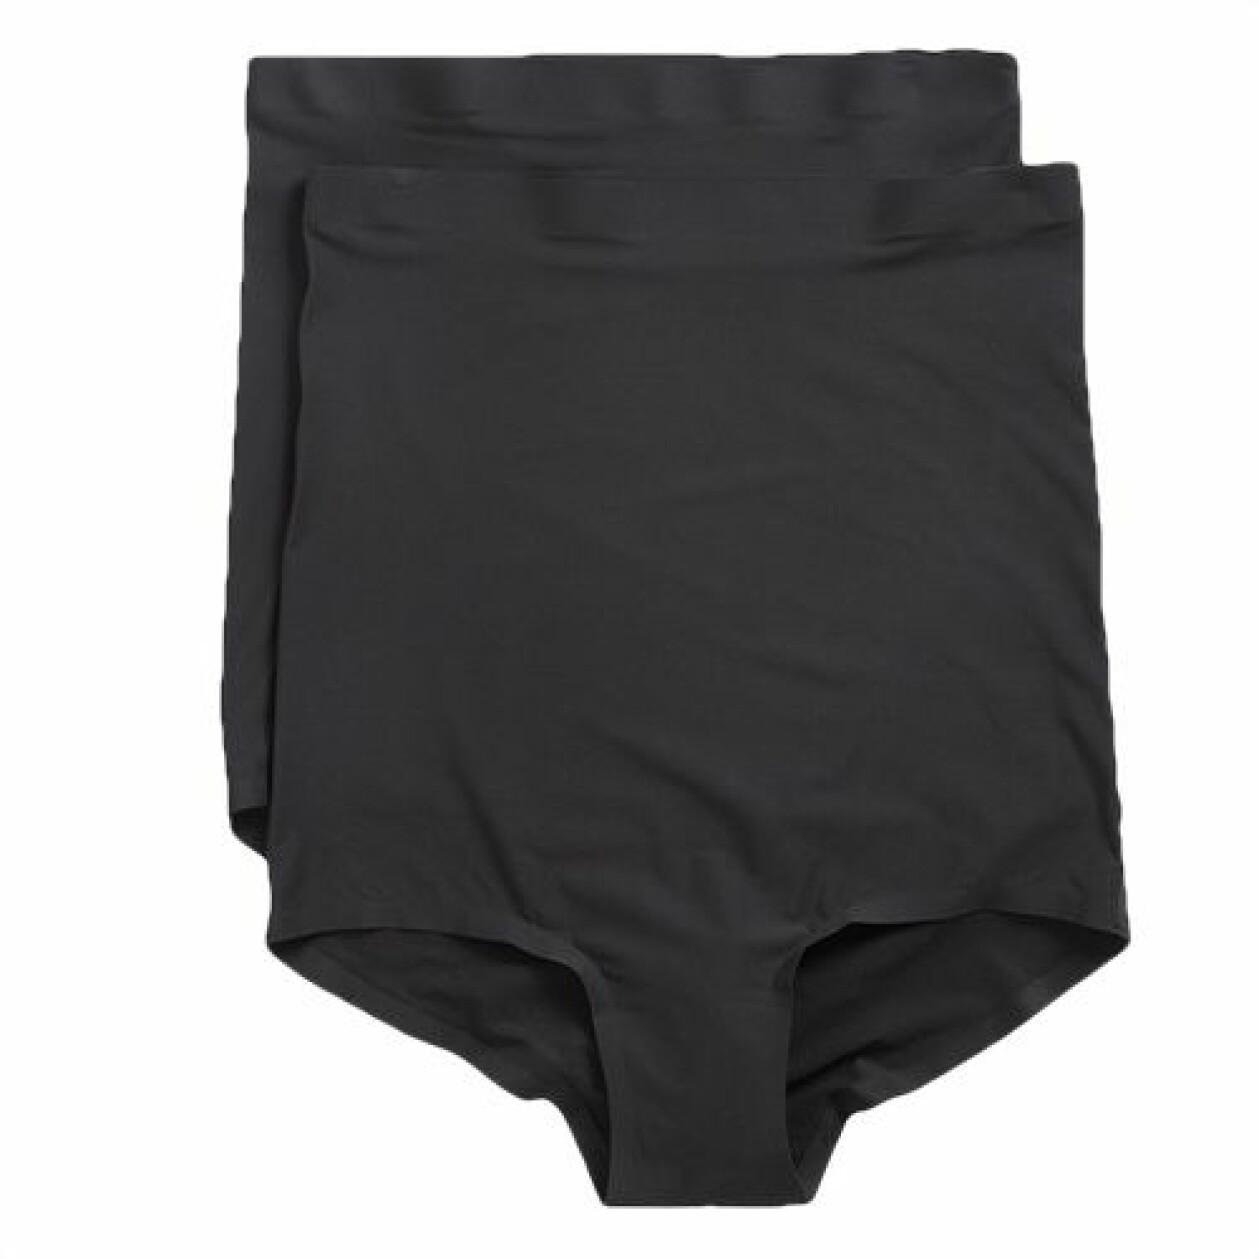 2-pack mammatrosor med hög midja och extra stretchig kvalitét från KappAhl